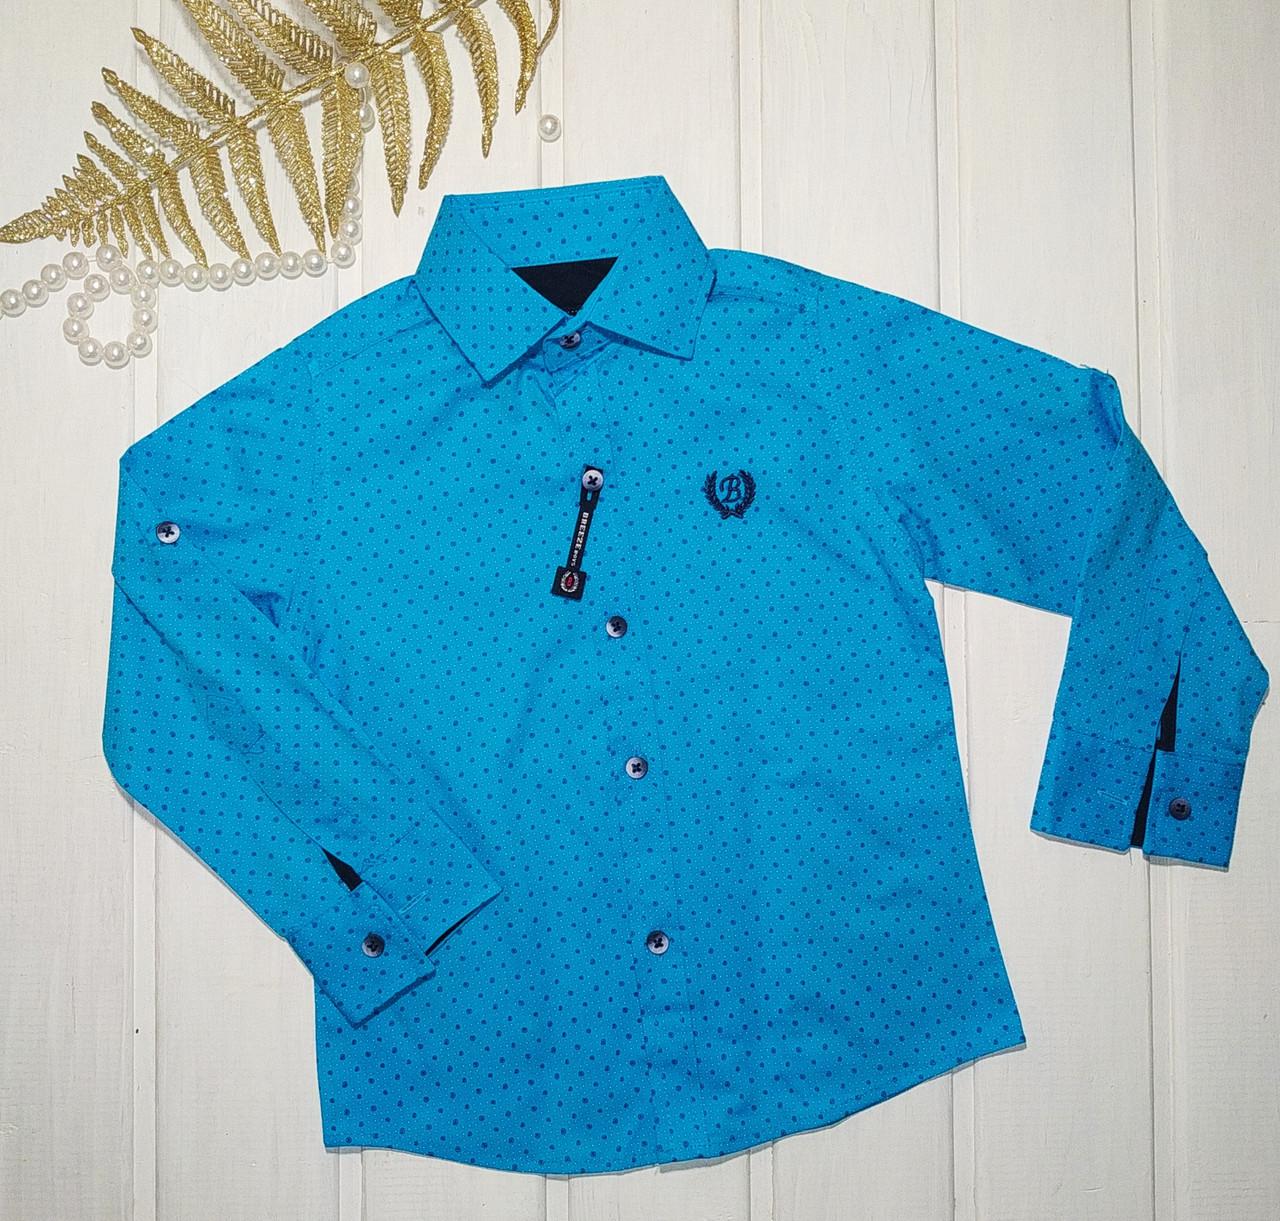 Рубашка для мальчика бирюзовая Размеры 98 104 110 122